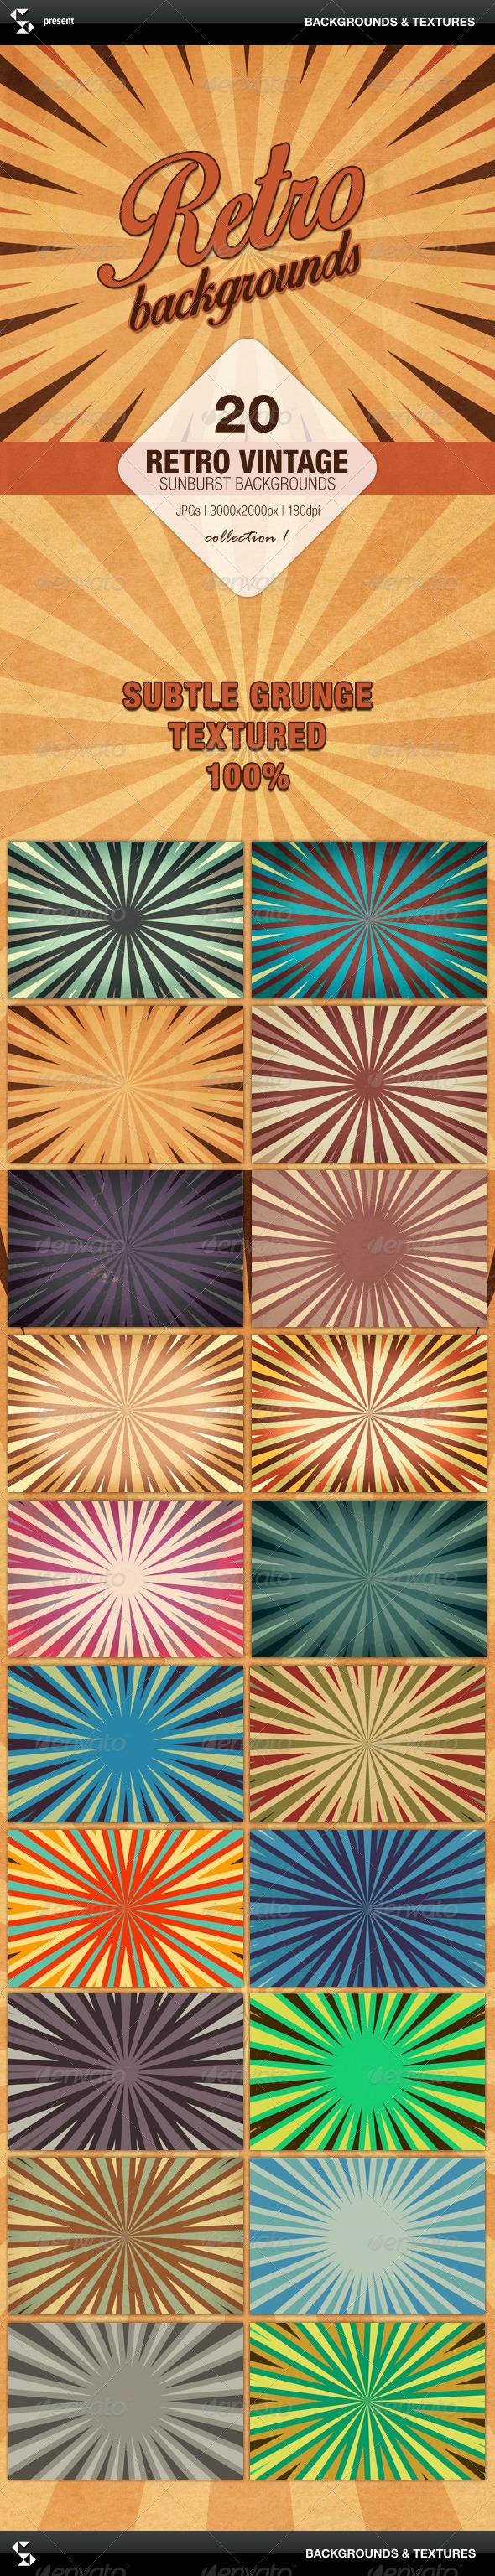 GraphicRiver Retro Backgrounds Vintage Sunburst Collection 1 7113284